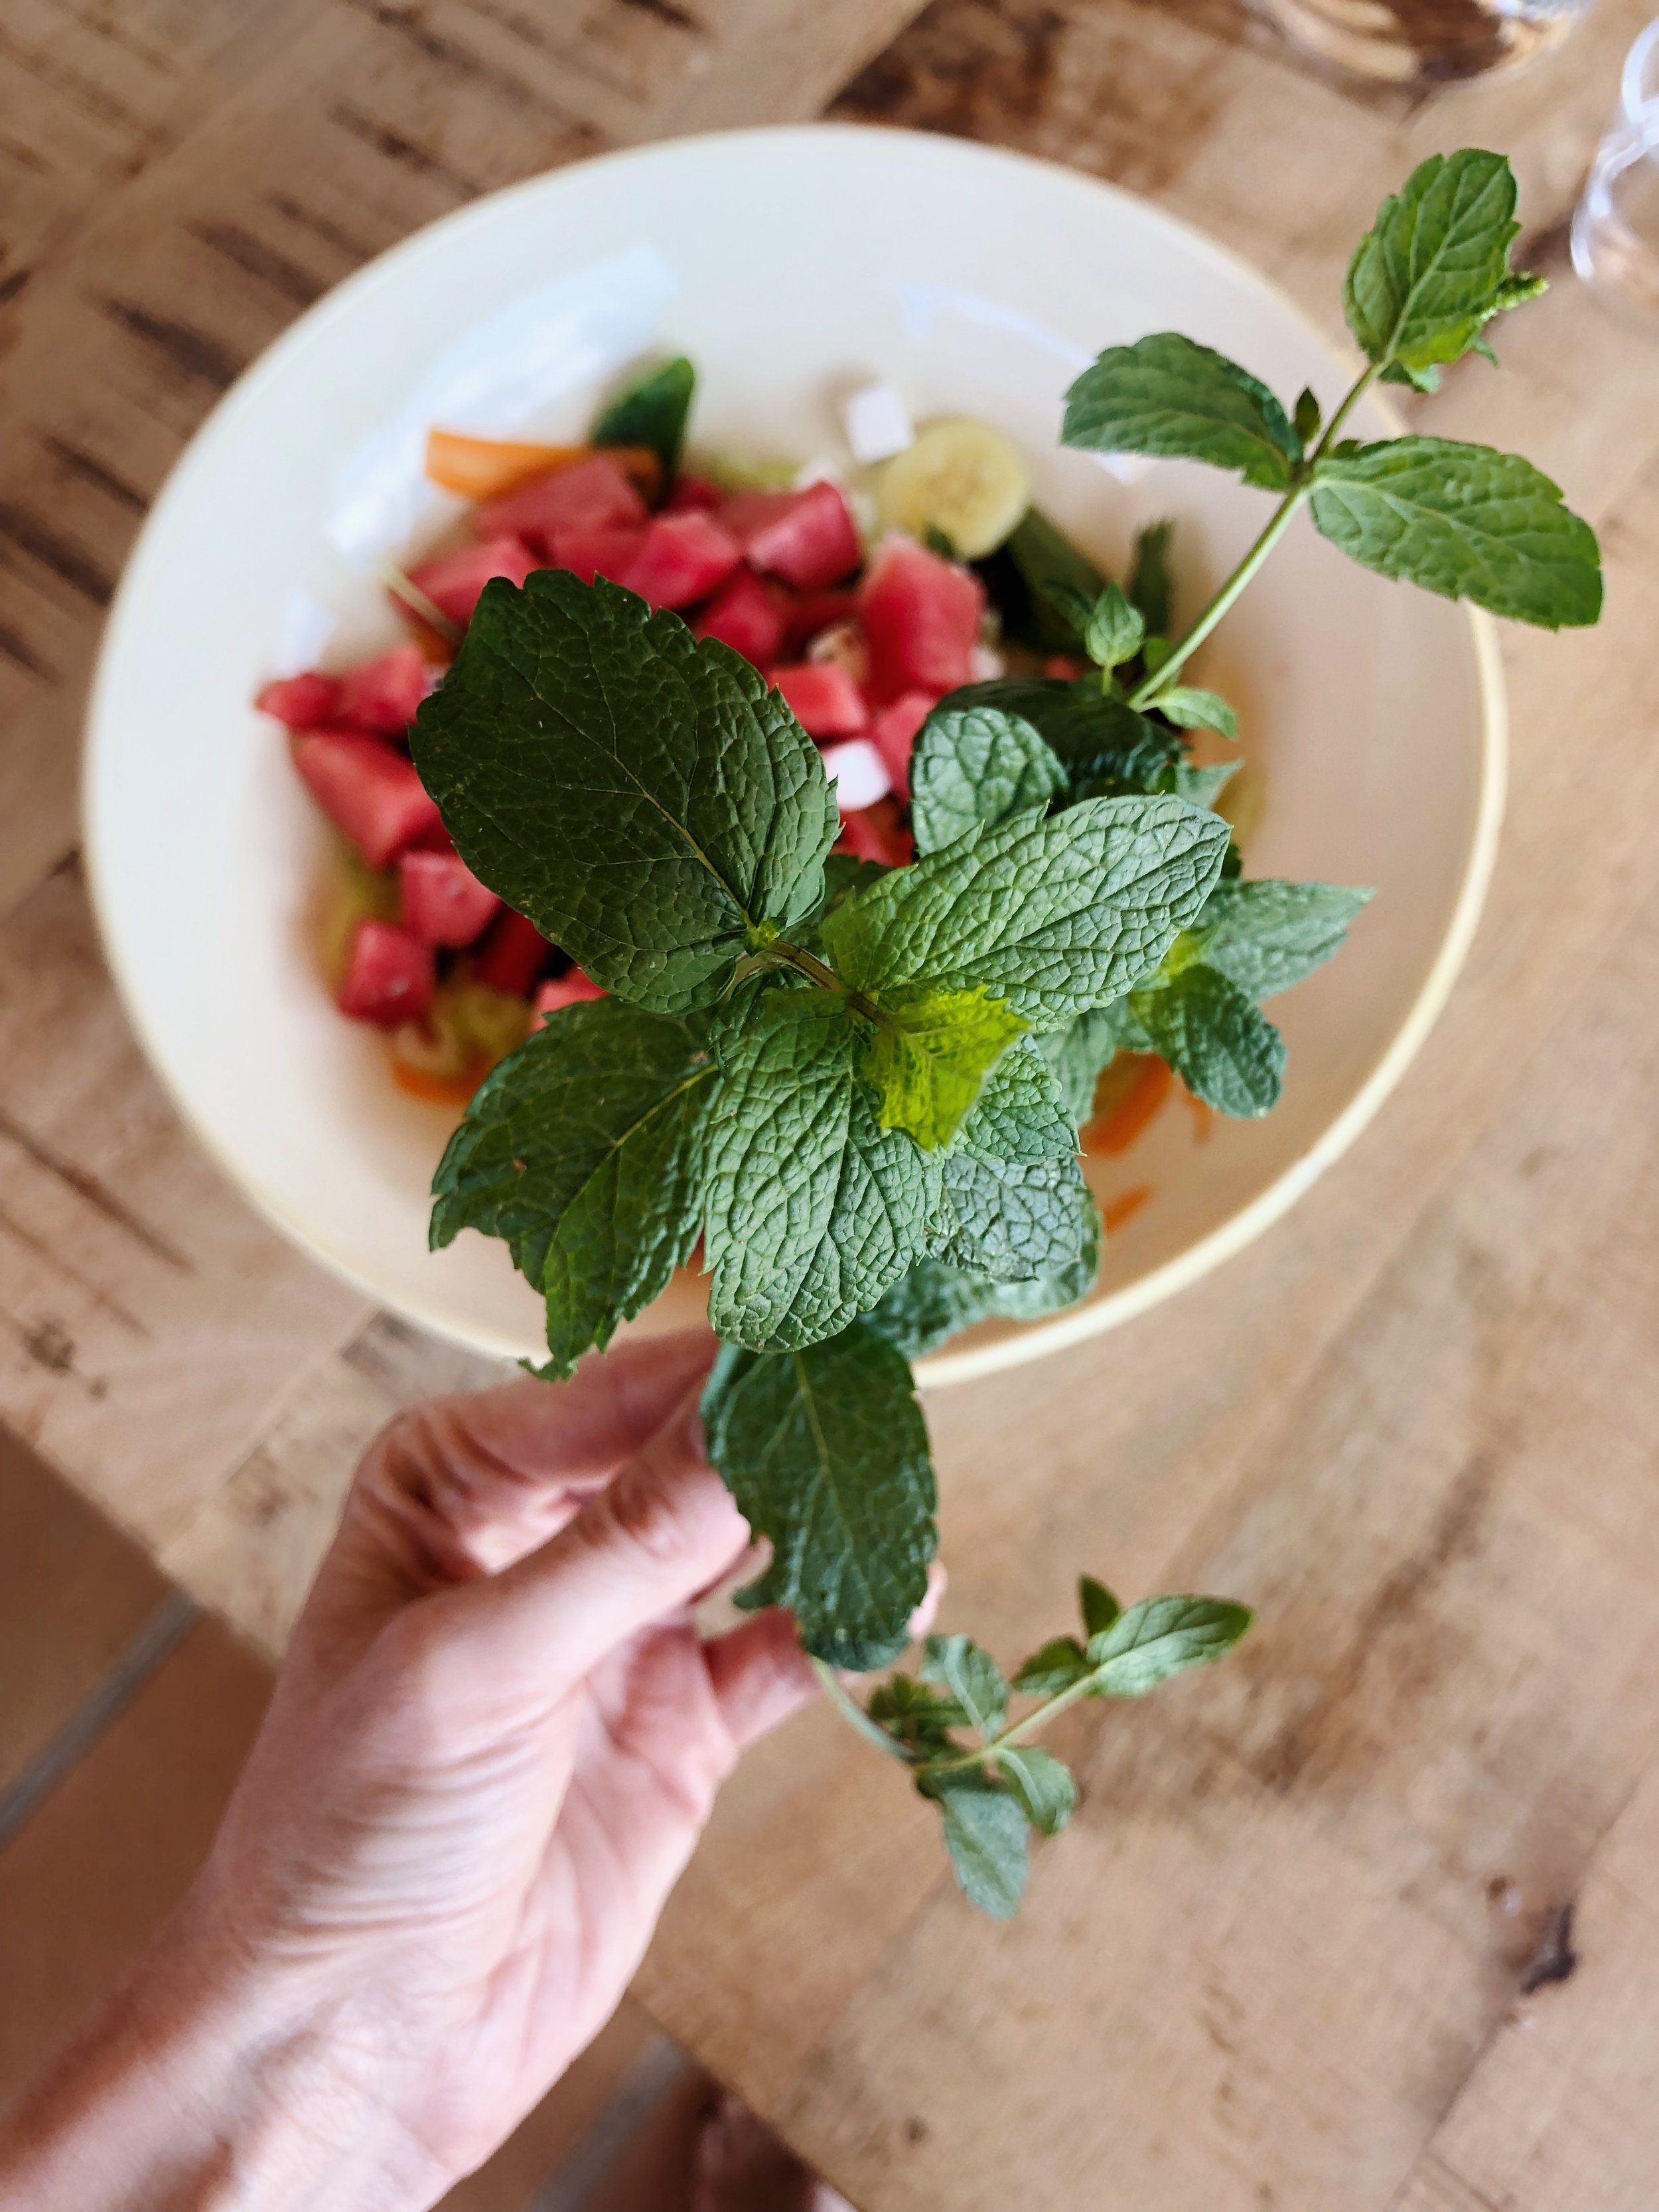 6. Step - Den reduzierten Aceto ein bisschen akühlen lassen und dann über den Salat verteilen. Wenn gewünscht, den Salat mit Salz (wenig) und Pfeffer abschmecken und mit den Pfefferminzblättern garnieren.